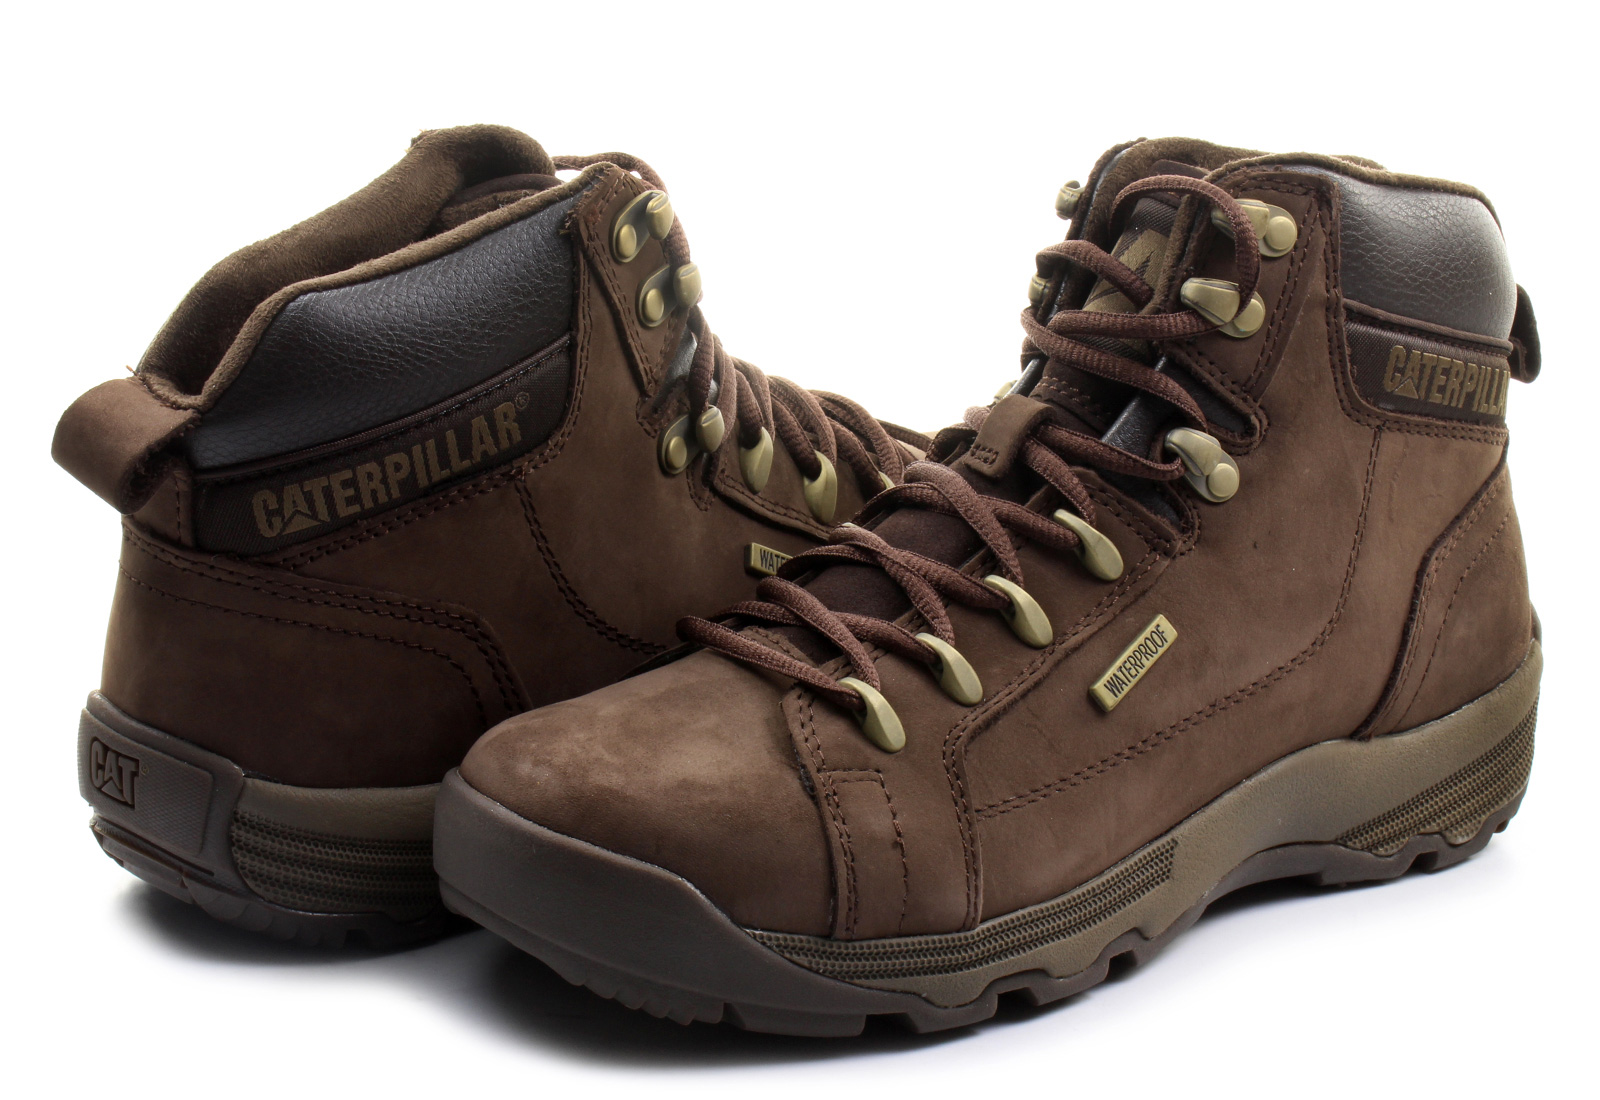 różnie różne wzornictwo zniżka Cat Buty Zimowe - Supersede Wp - 719135-cho - Obuwie i buty damskie,  męskie, dziecięce w Office Shoes